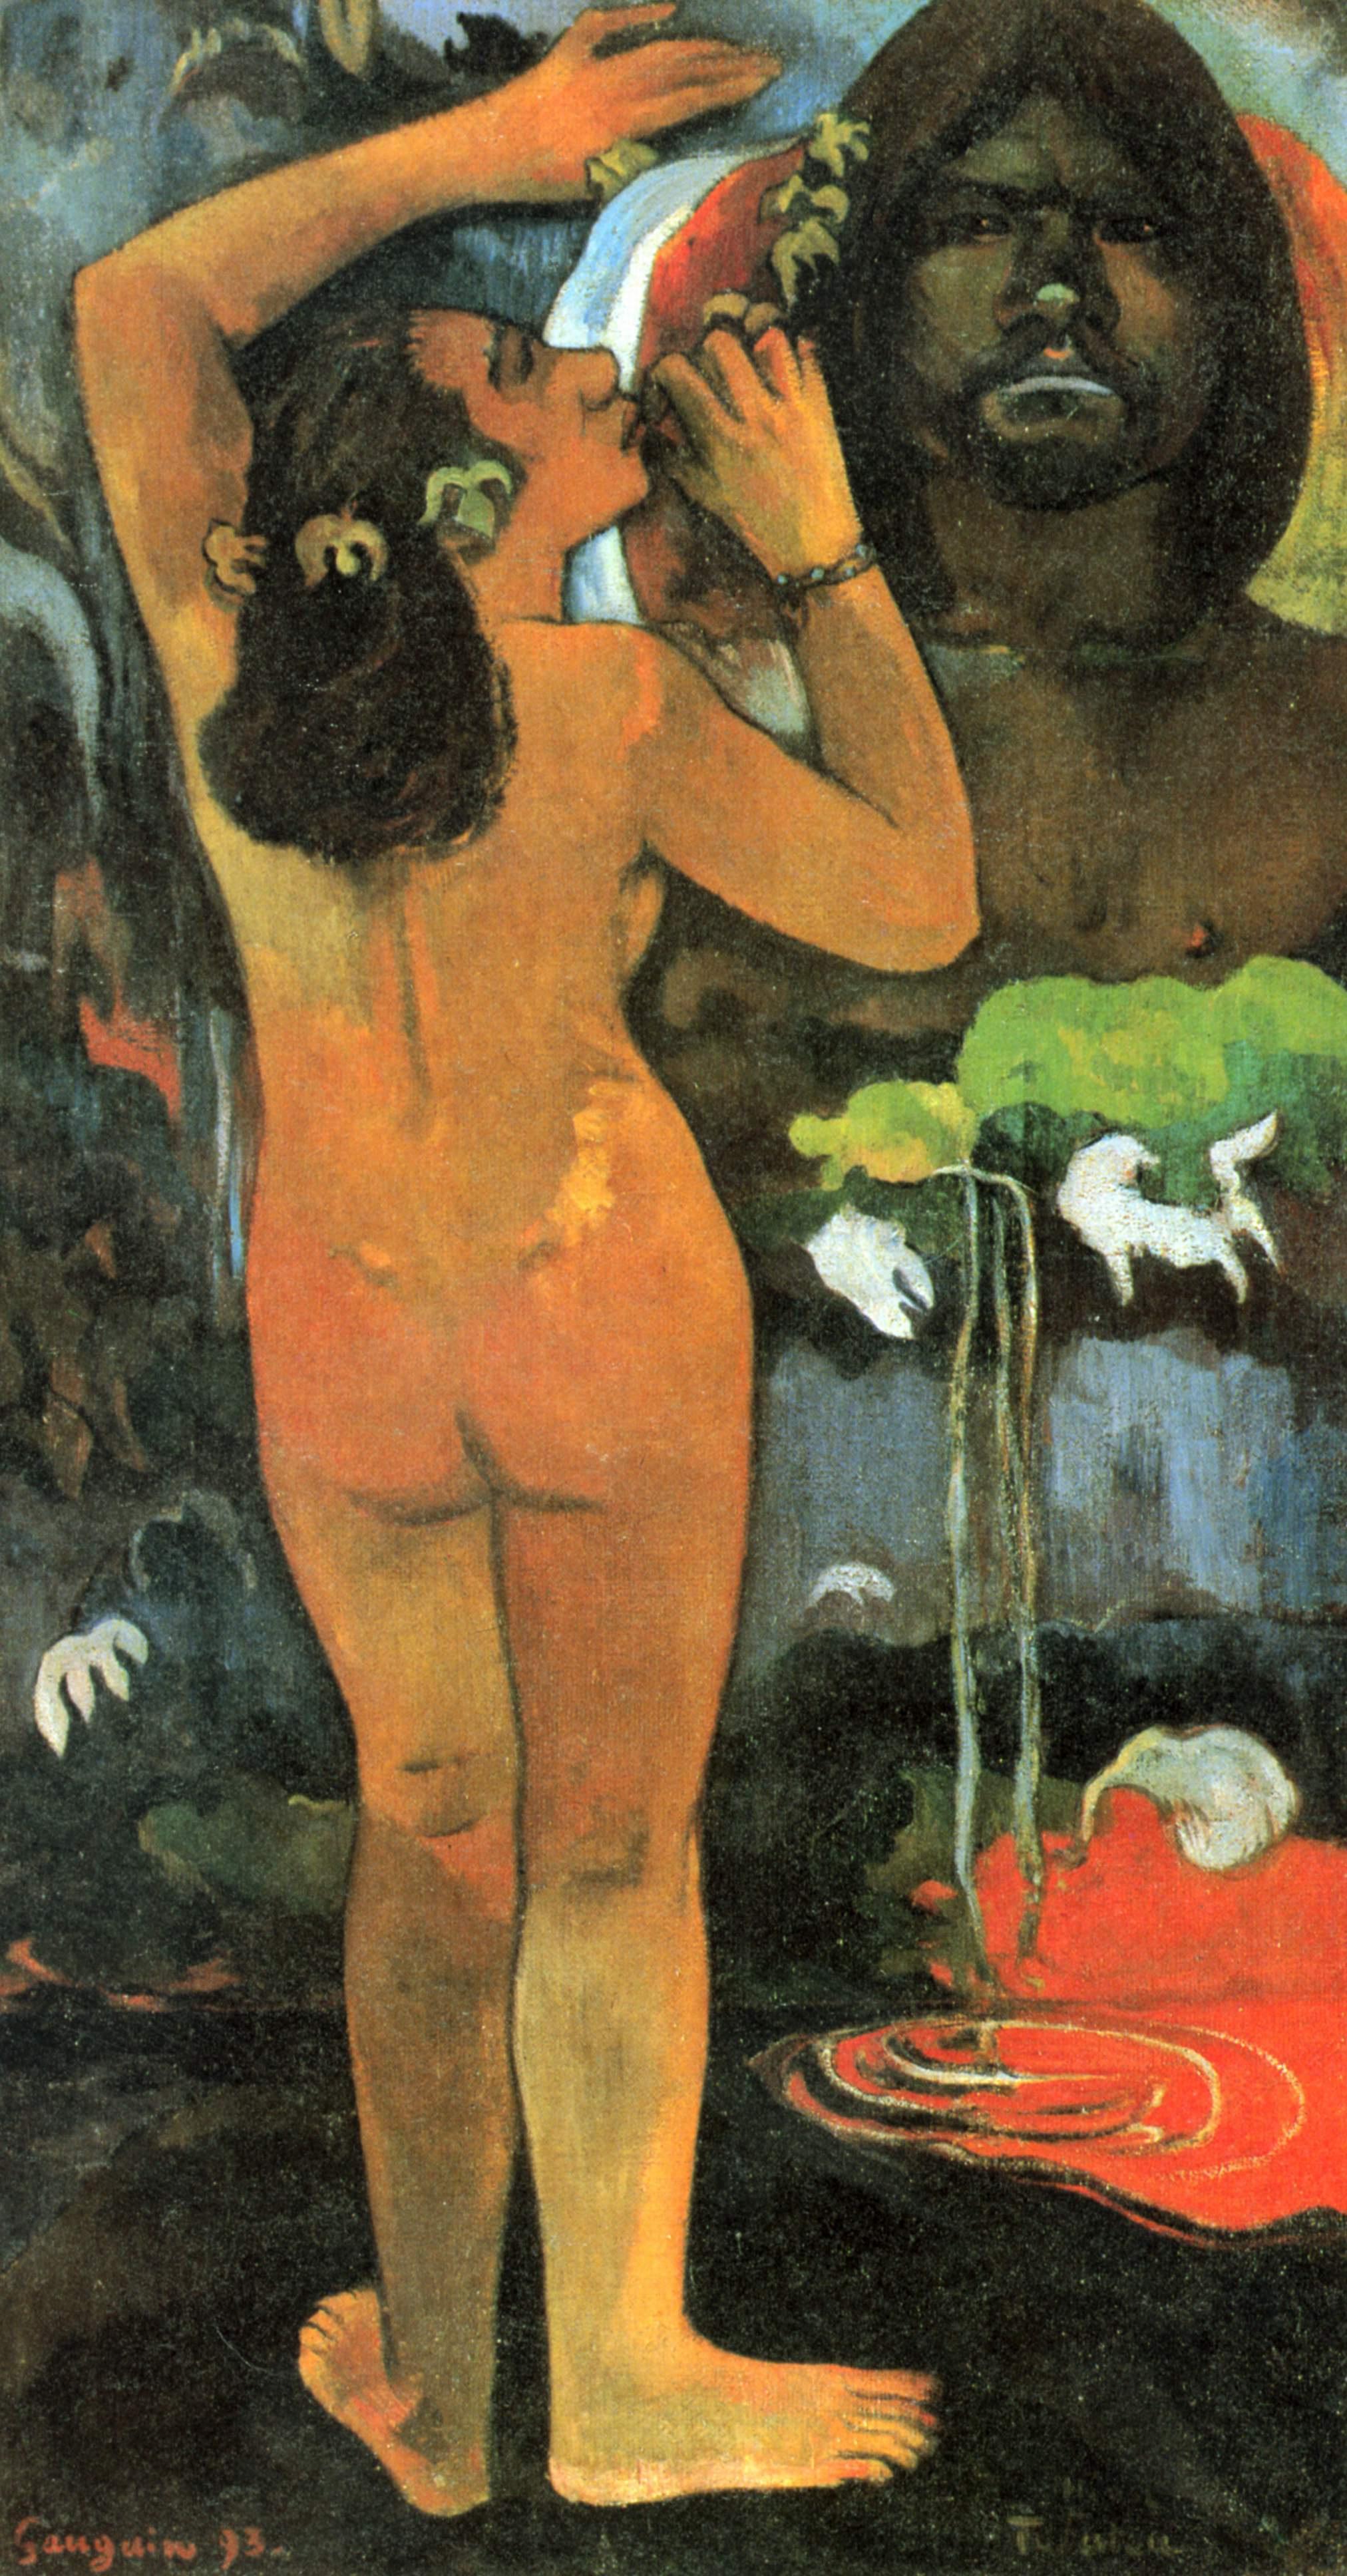 Paul Gauguin. Hina, moon goddess and Te Fatu, the earth spirit